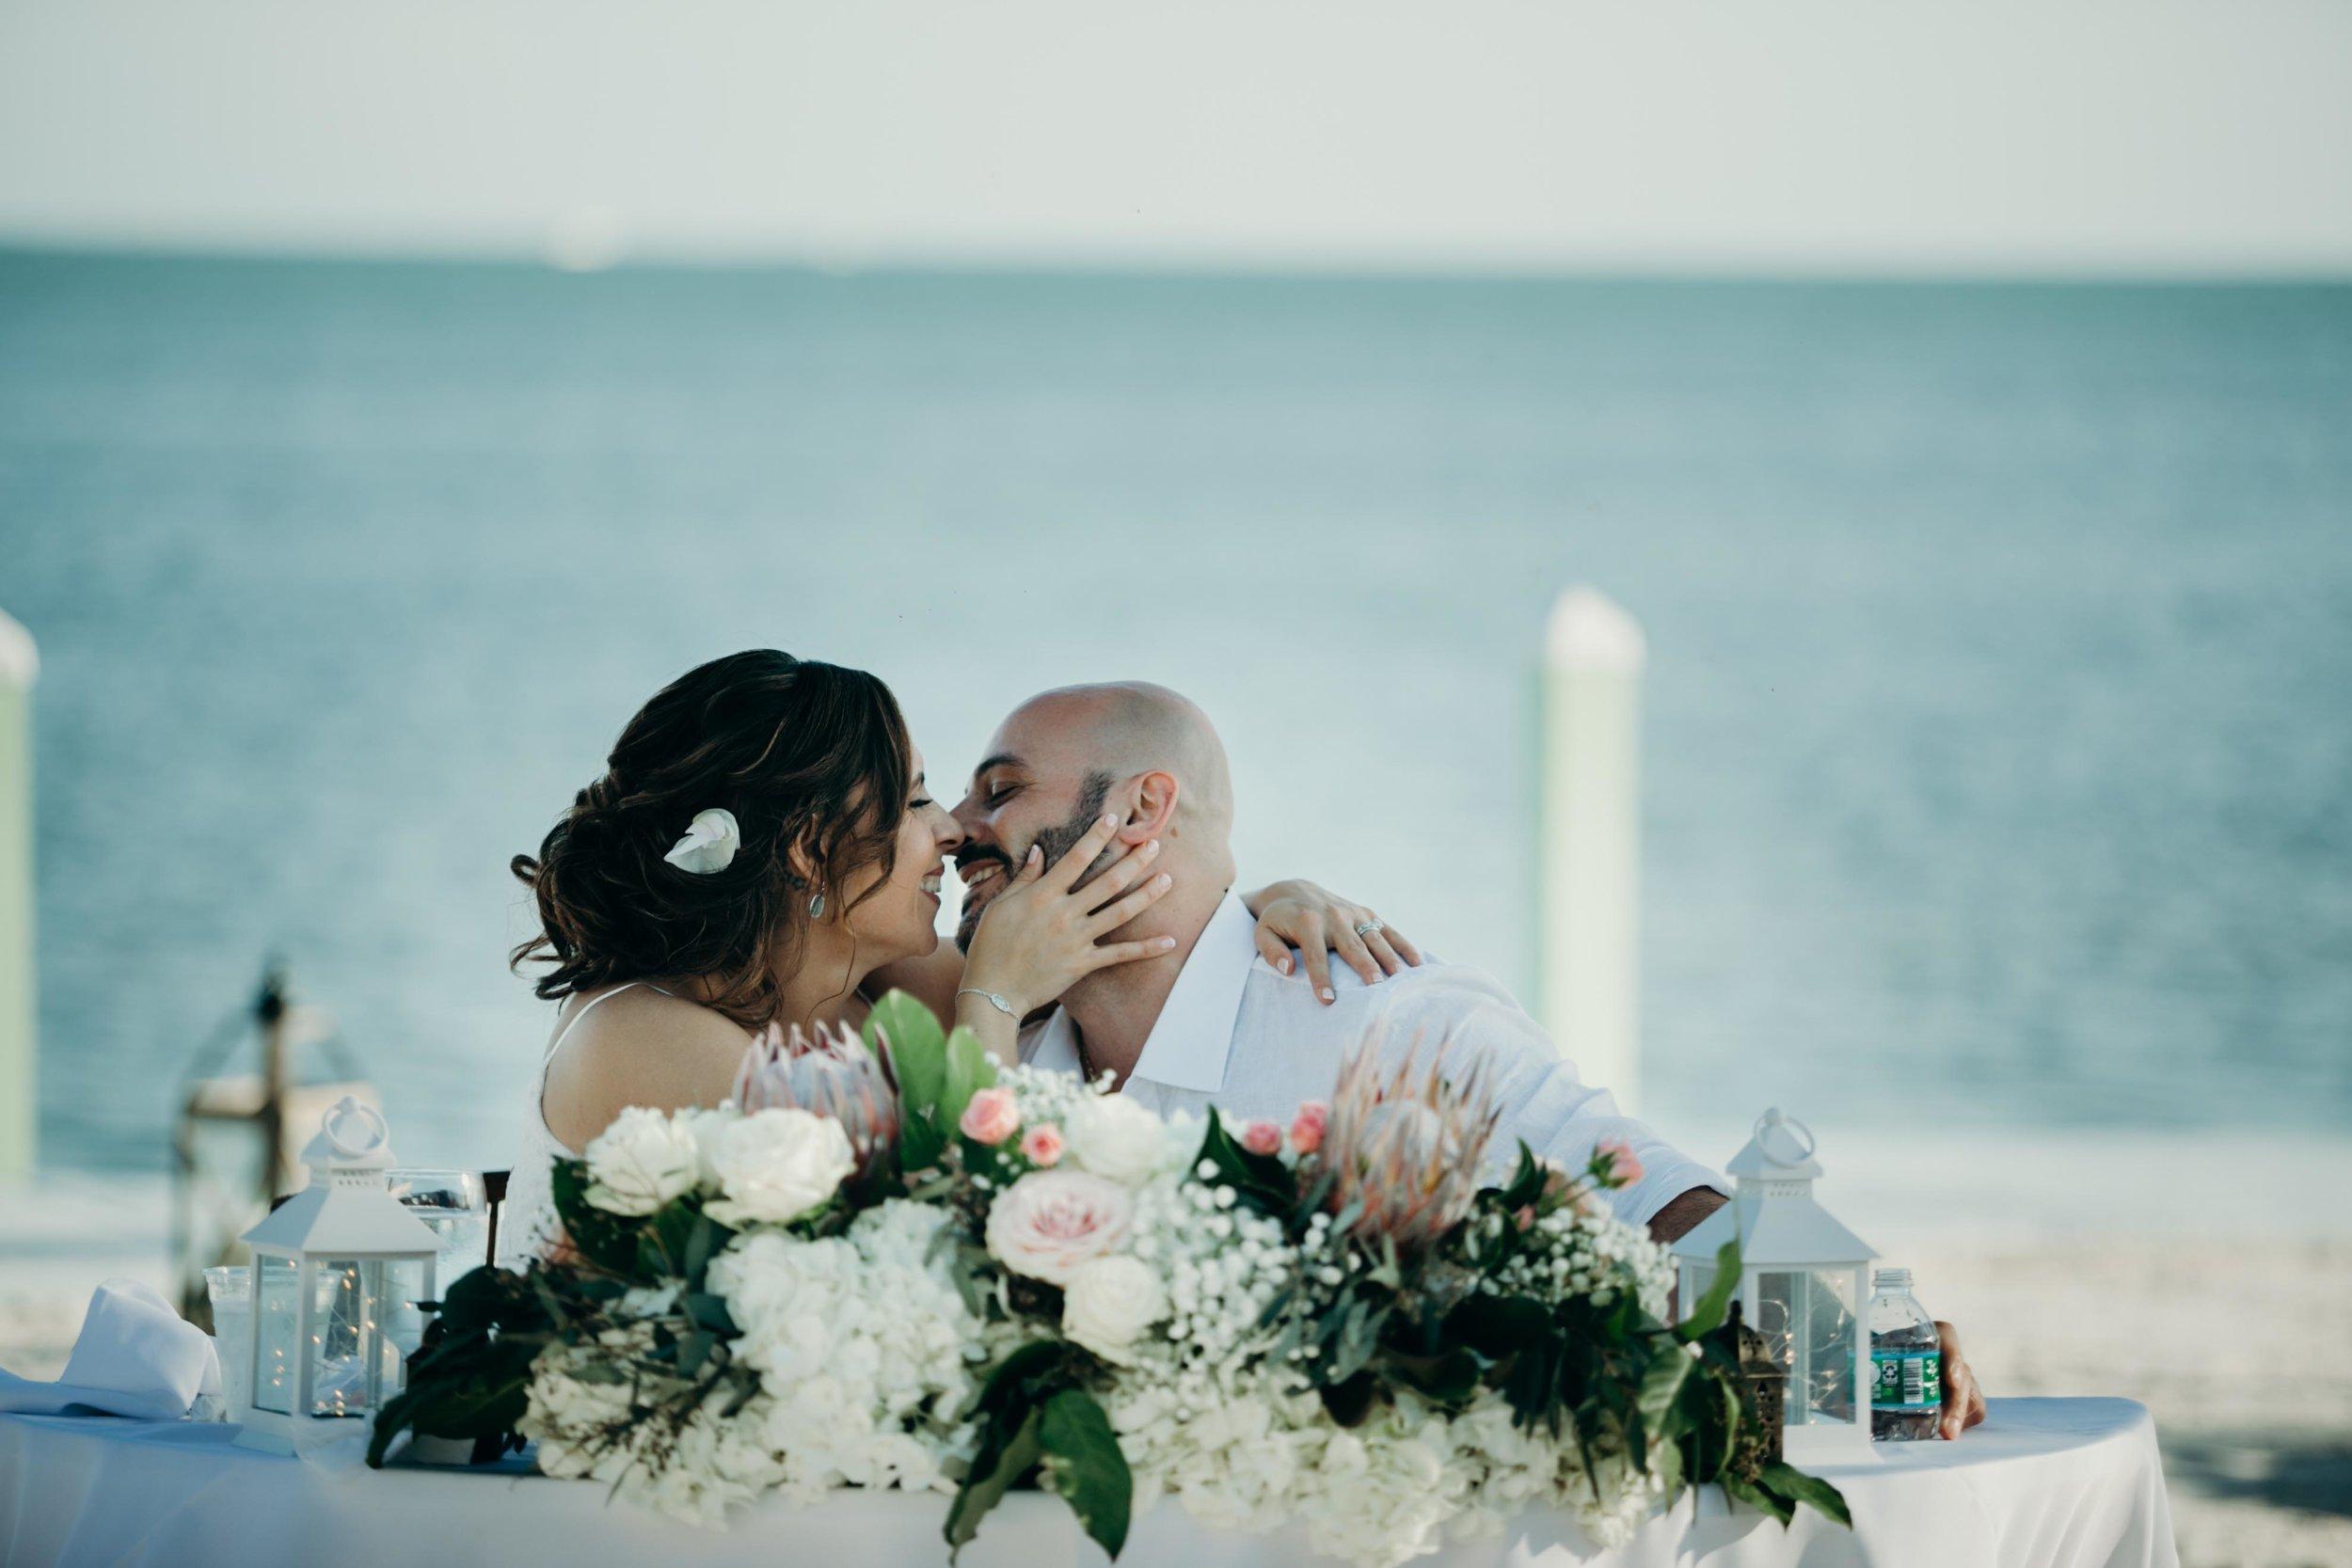 fotografia matrimonio Florida28.jpg